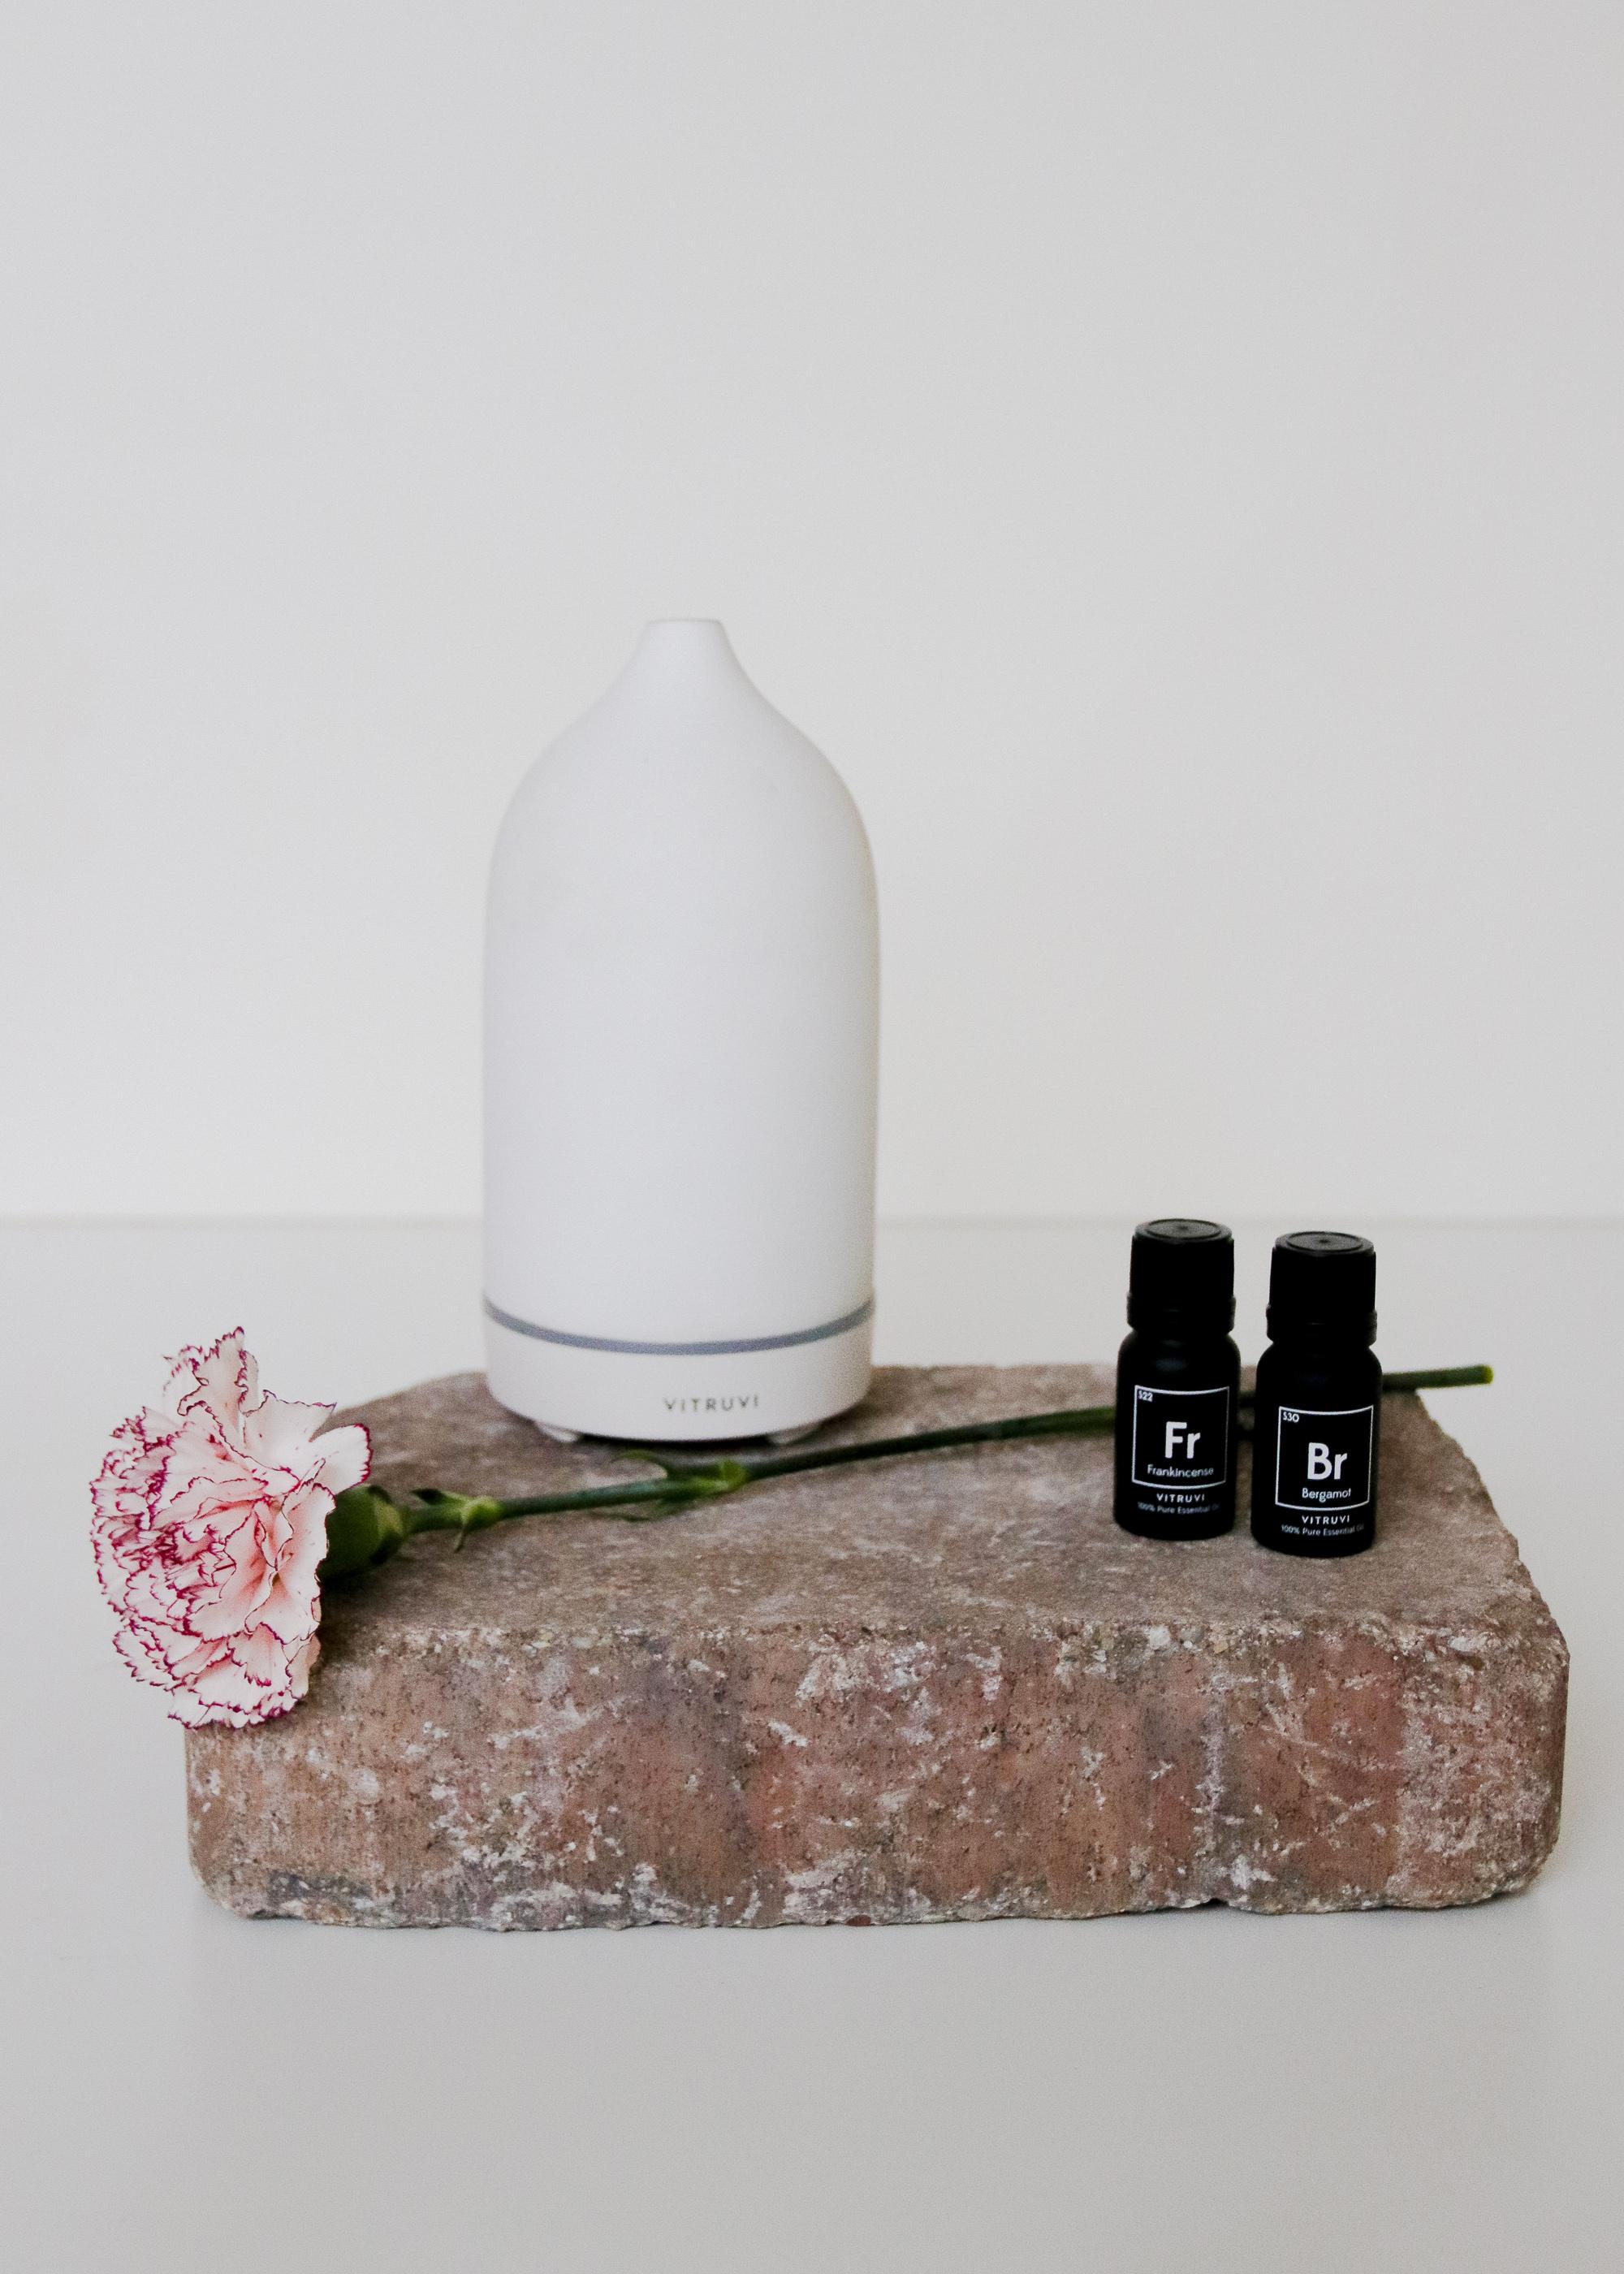 White Stone Diffuser Vitruvi - $119